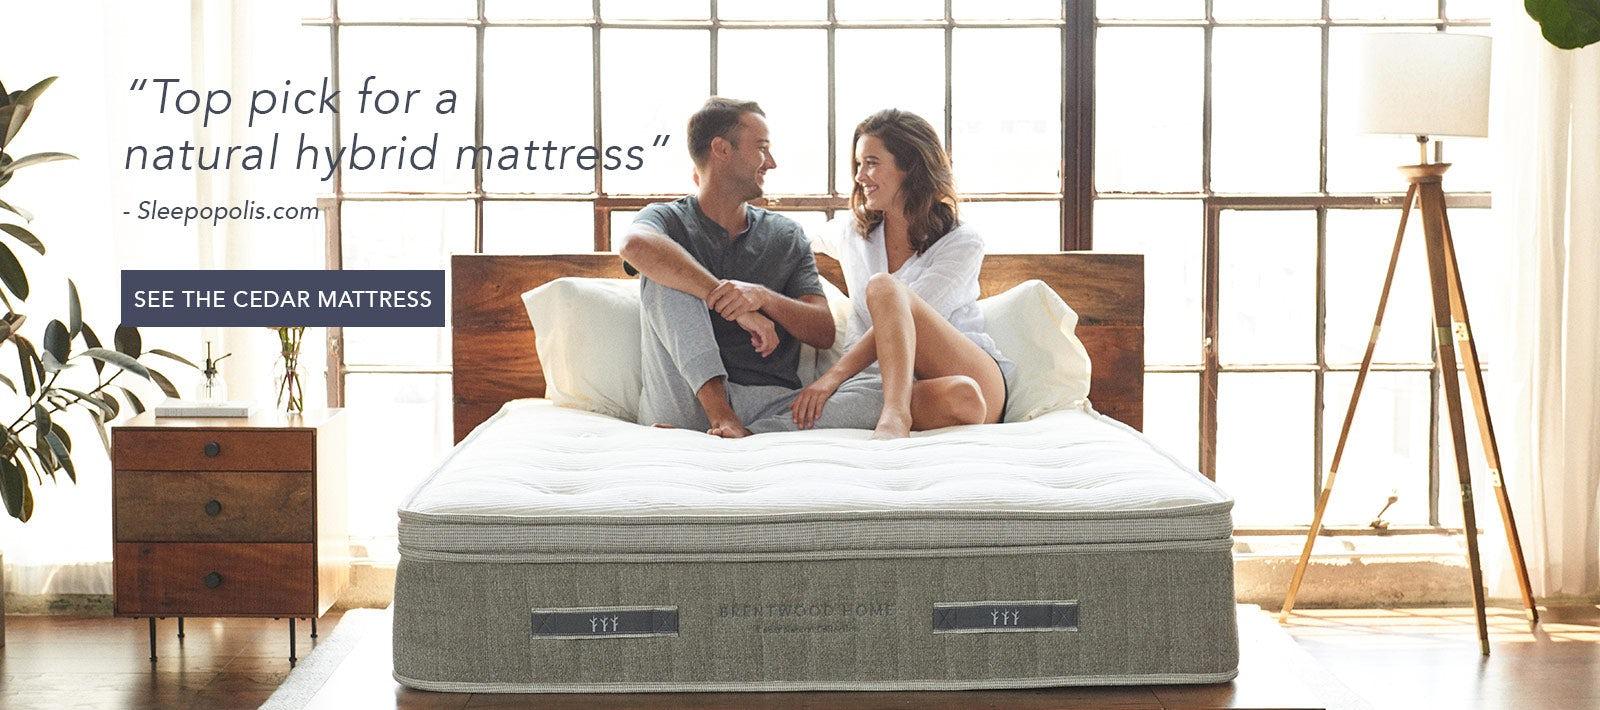 Brentwood Home Artisans Of Sleep Mattresses Pillows